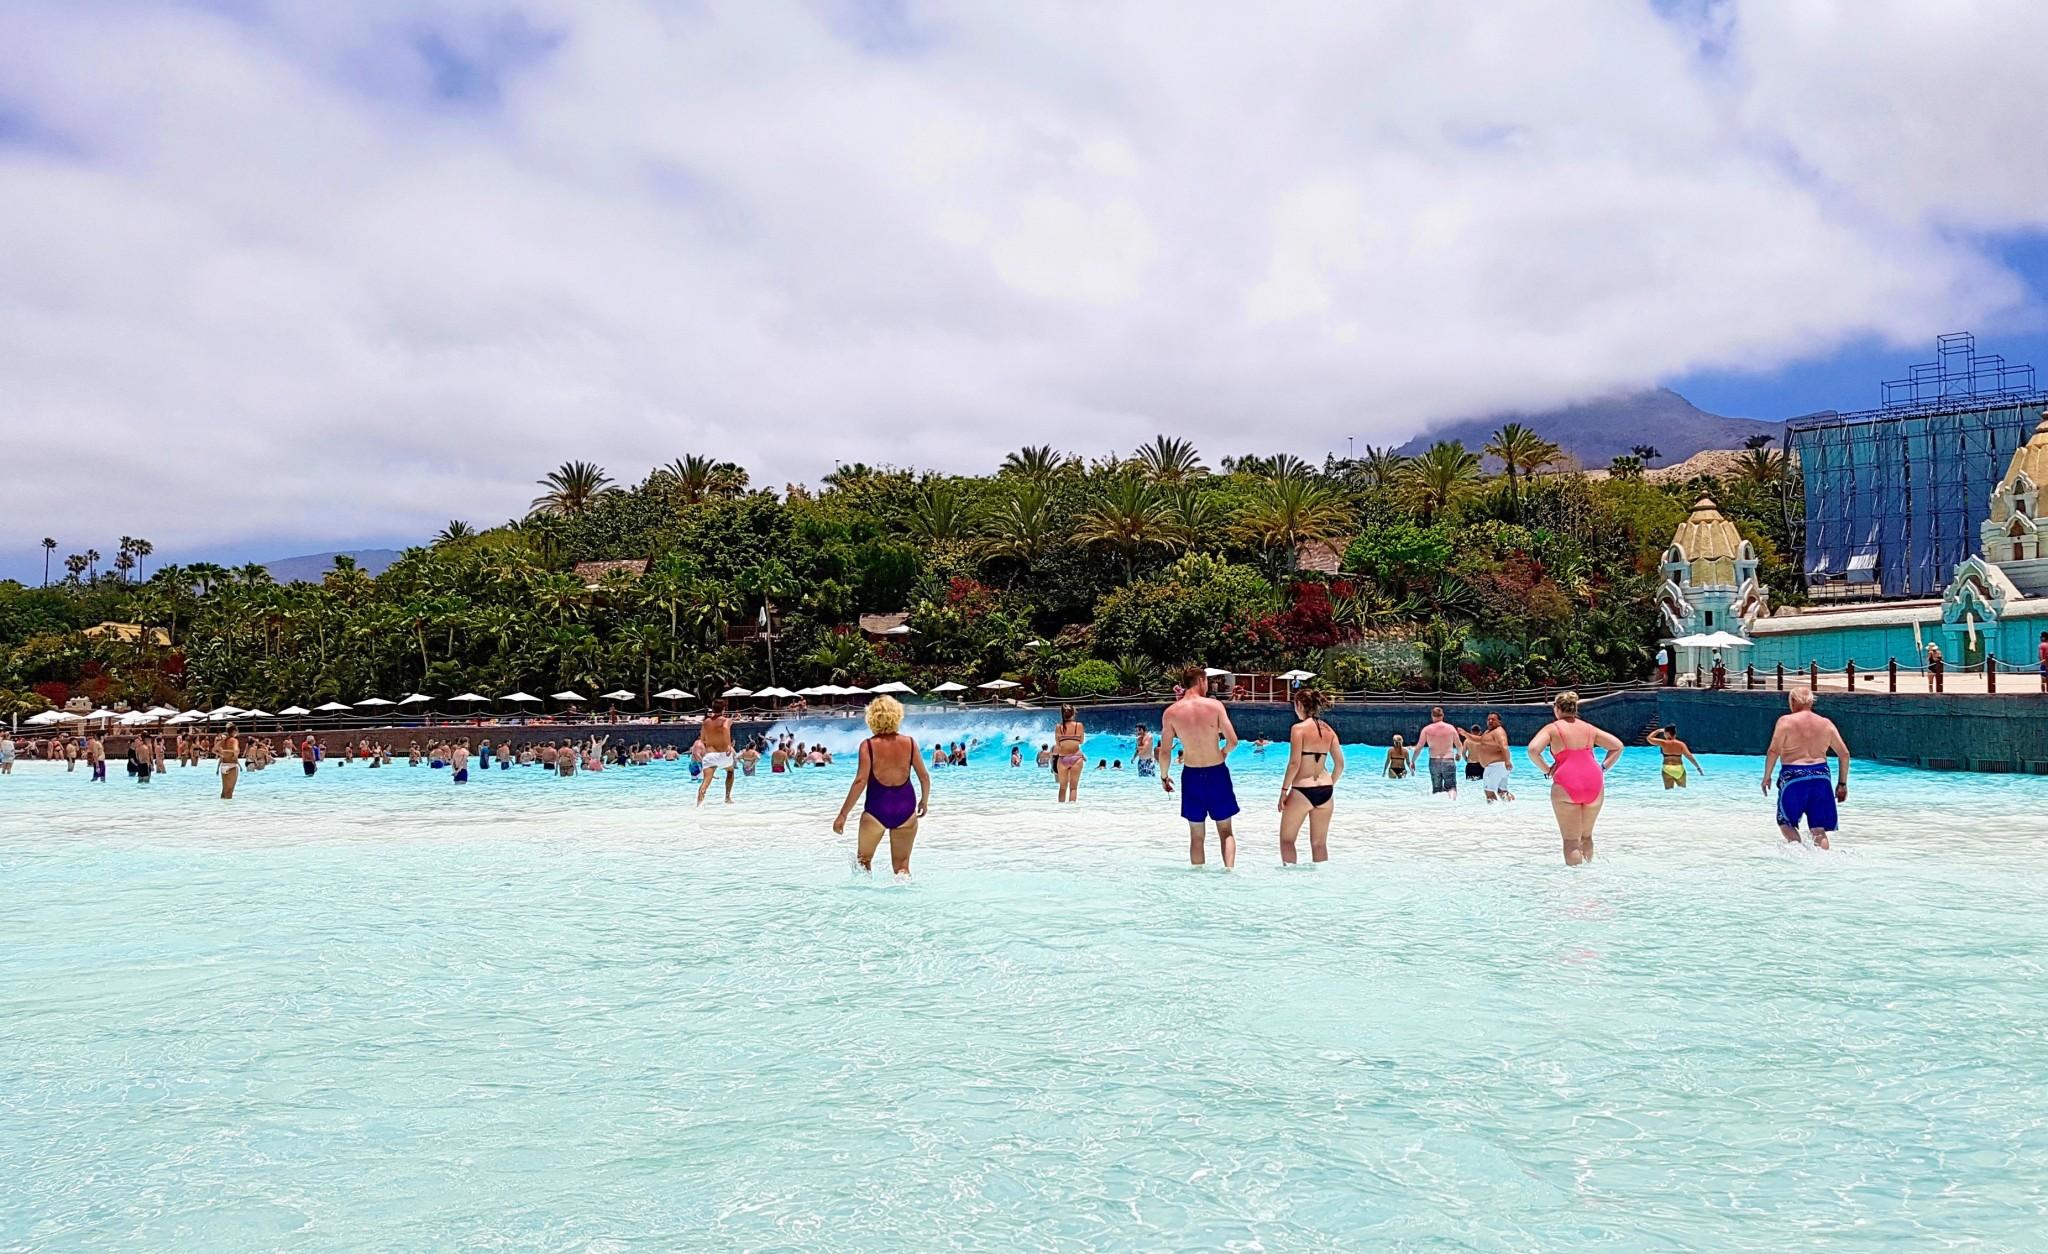 Siam Beach - Wave Pool